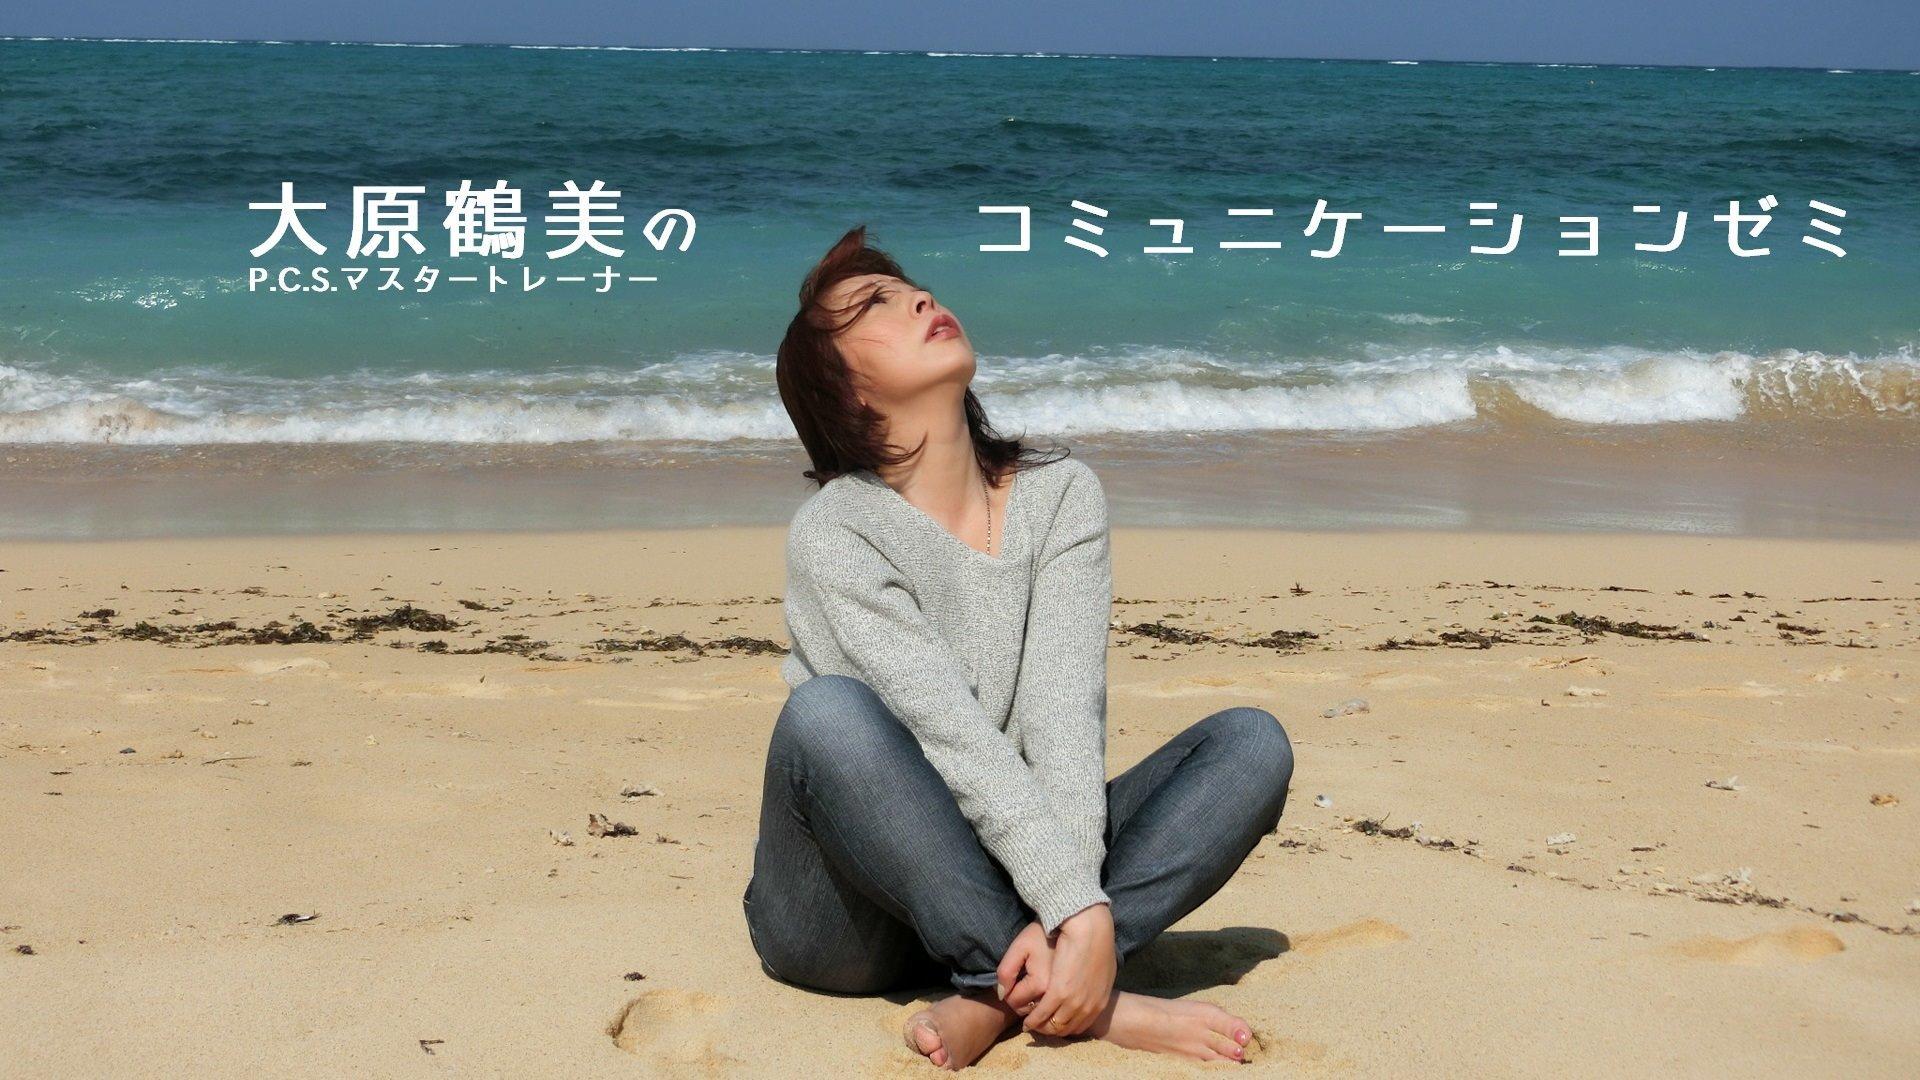 大原 鶴美 - 大原鶴美のコミュニケーションゼミ - DMM オンラインサロン